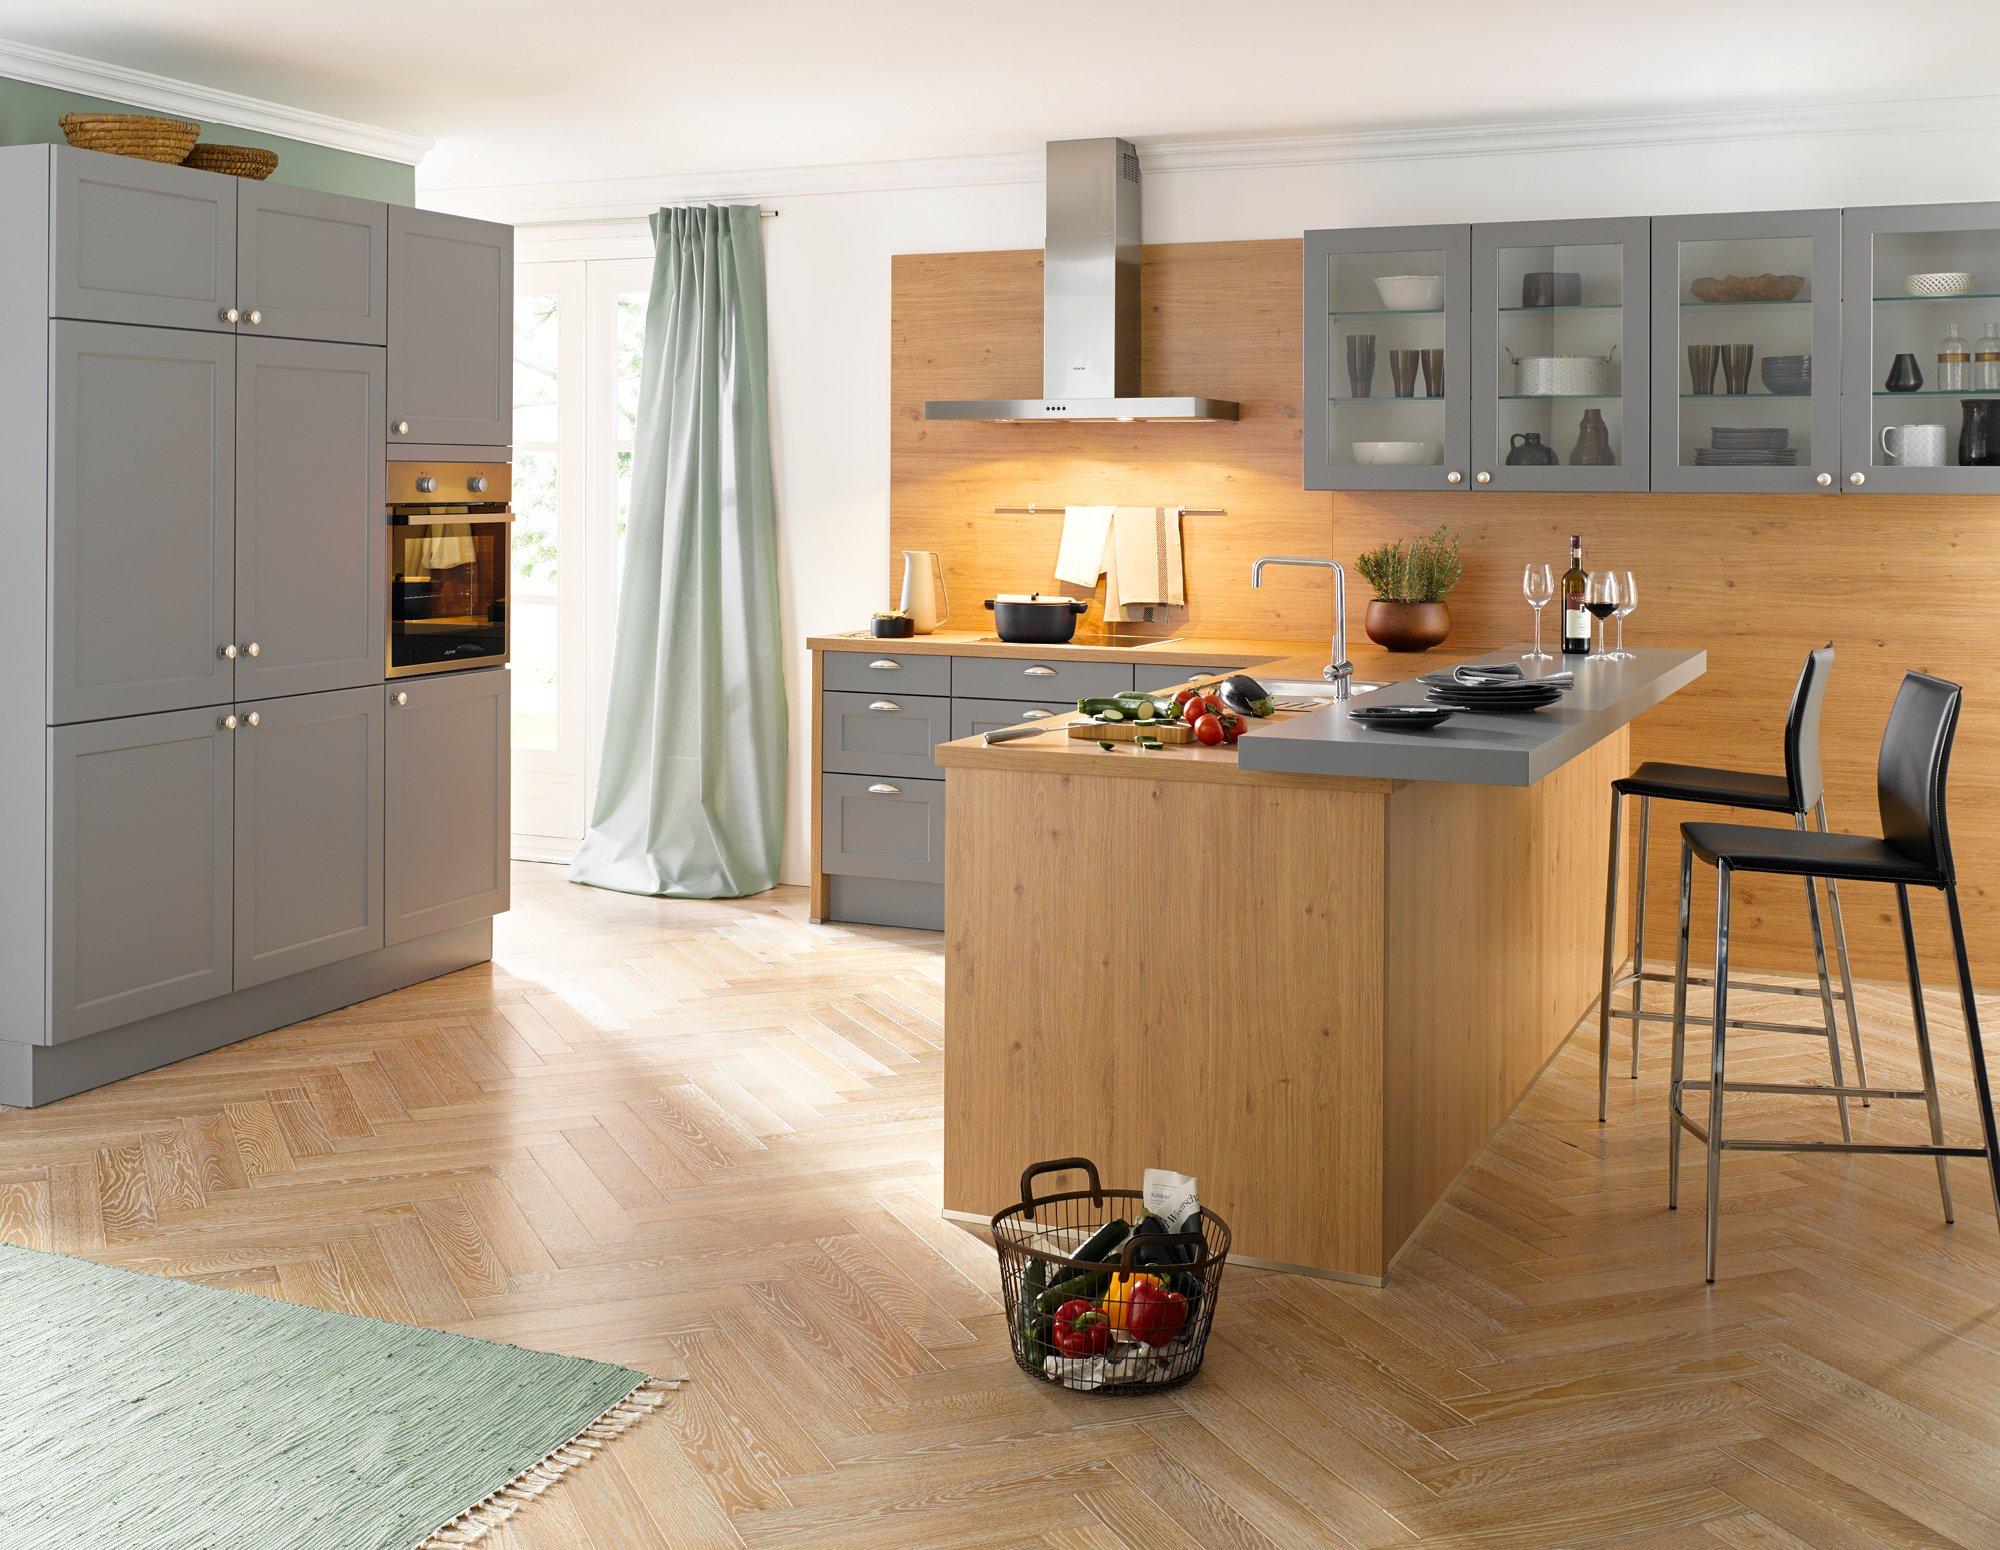 Full Size of Landhausküche Weisse Grau Weiß Gebraucht Moderne Küche Landhausküche